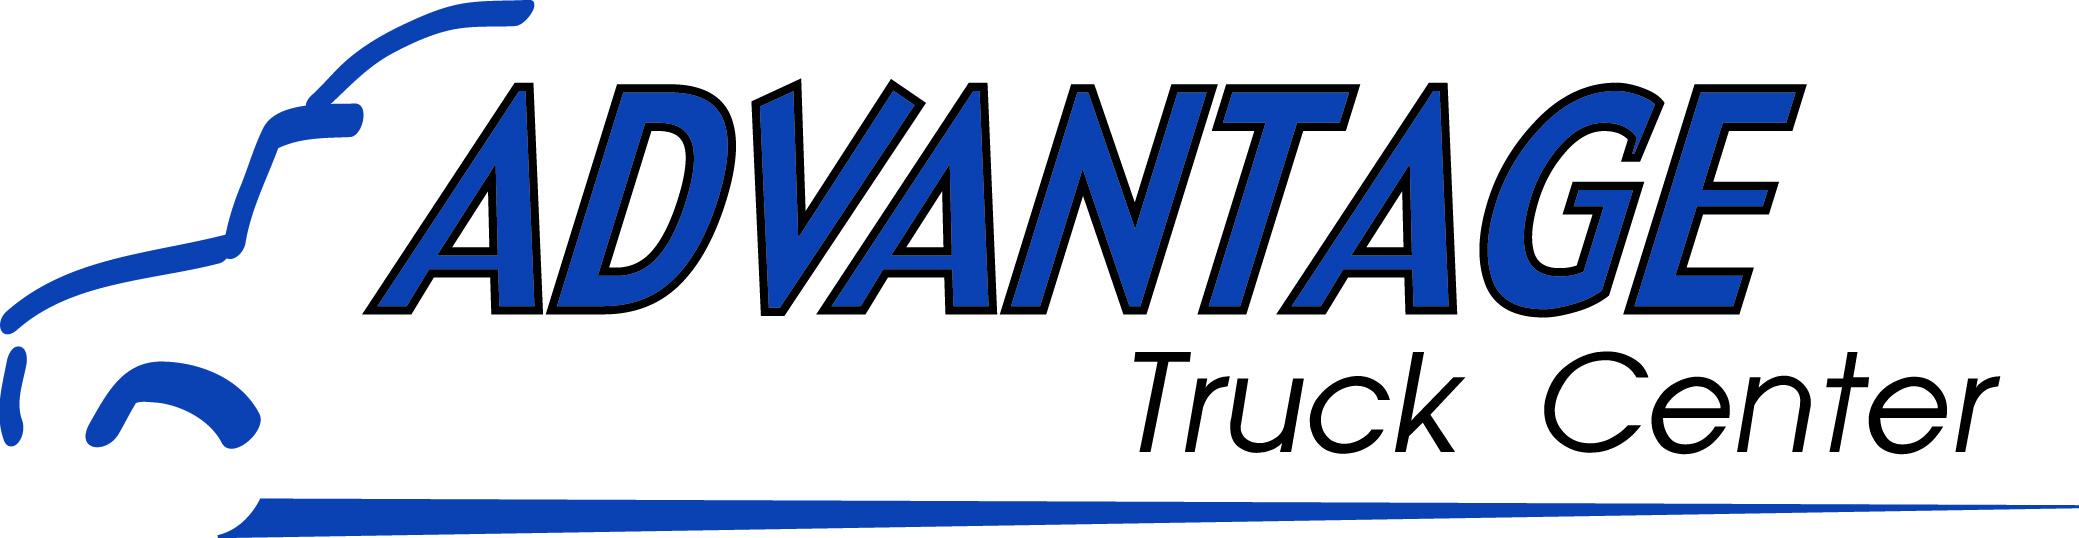 Advantage Truck Center